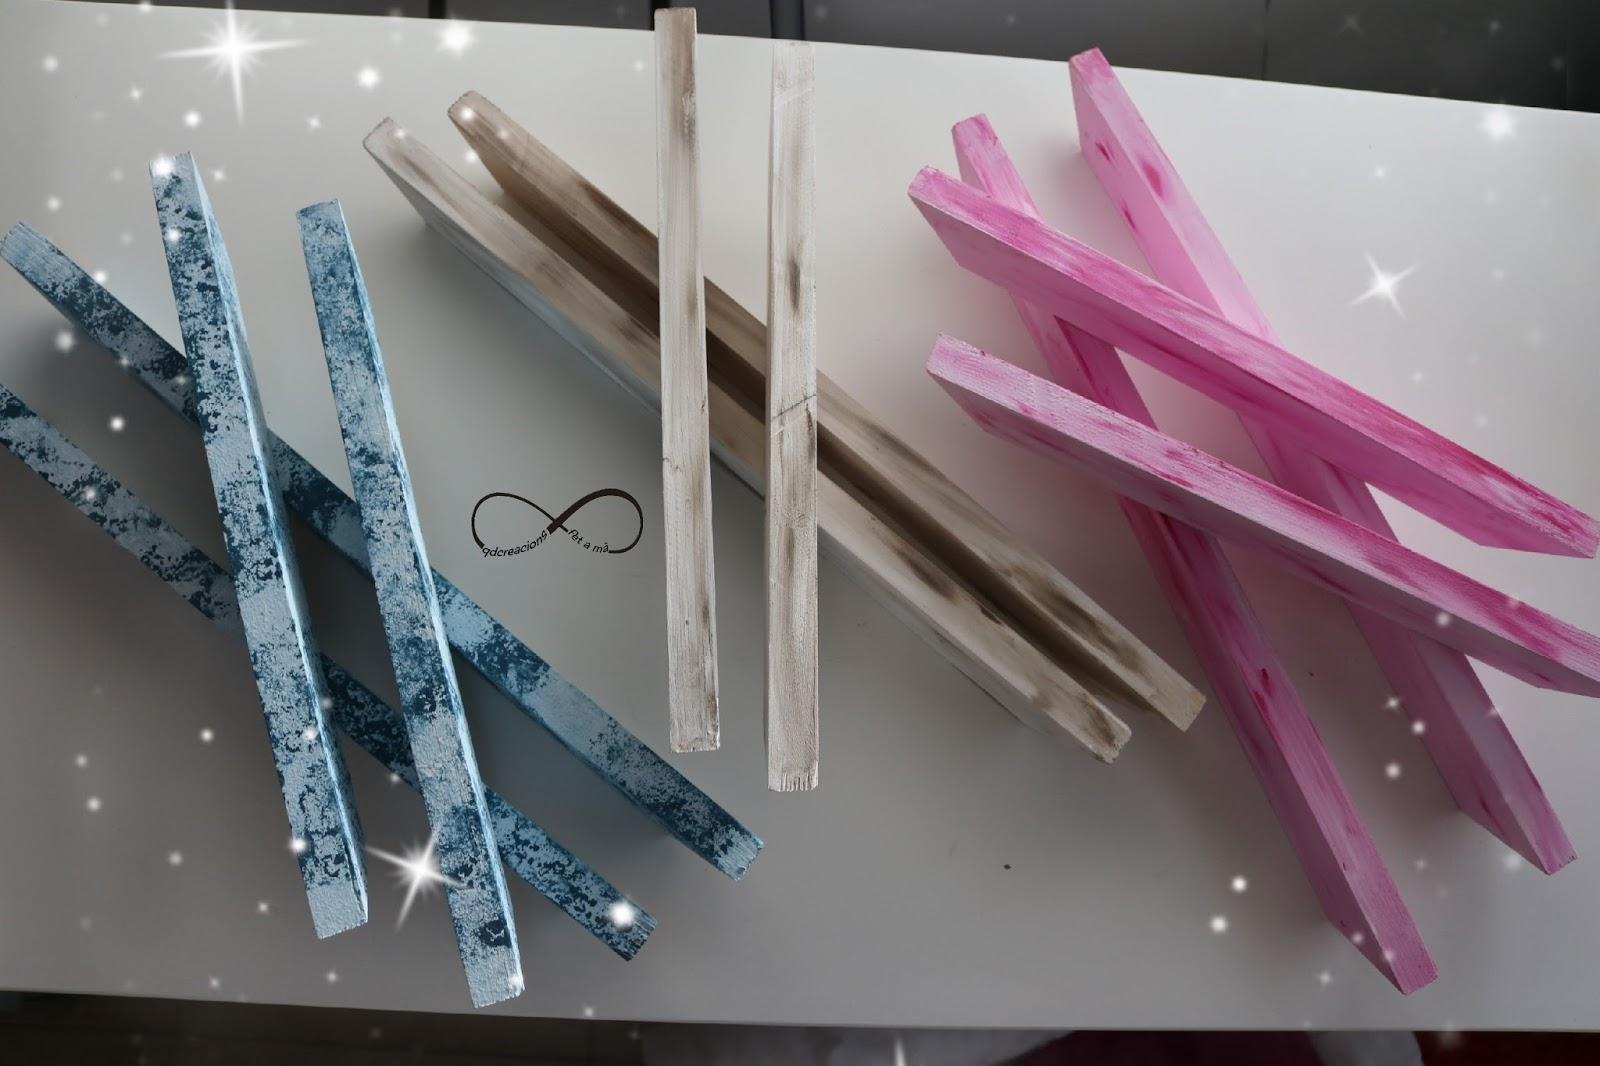 marcos archivos - Handbox Craft Lovers | Comunidad DIY, Tutoriales ...